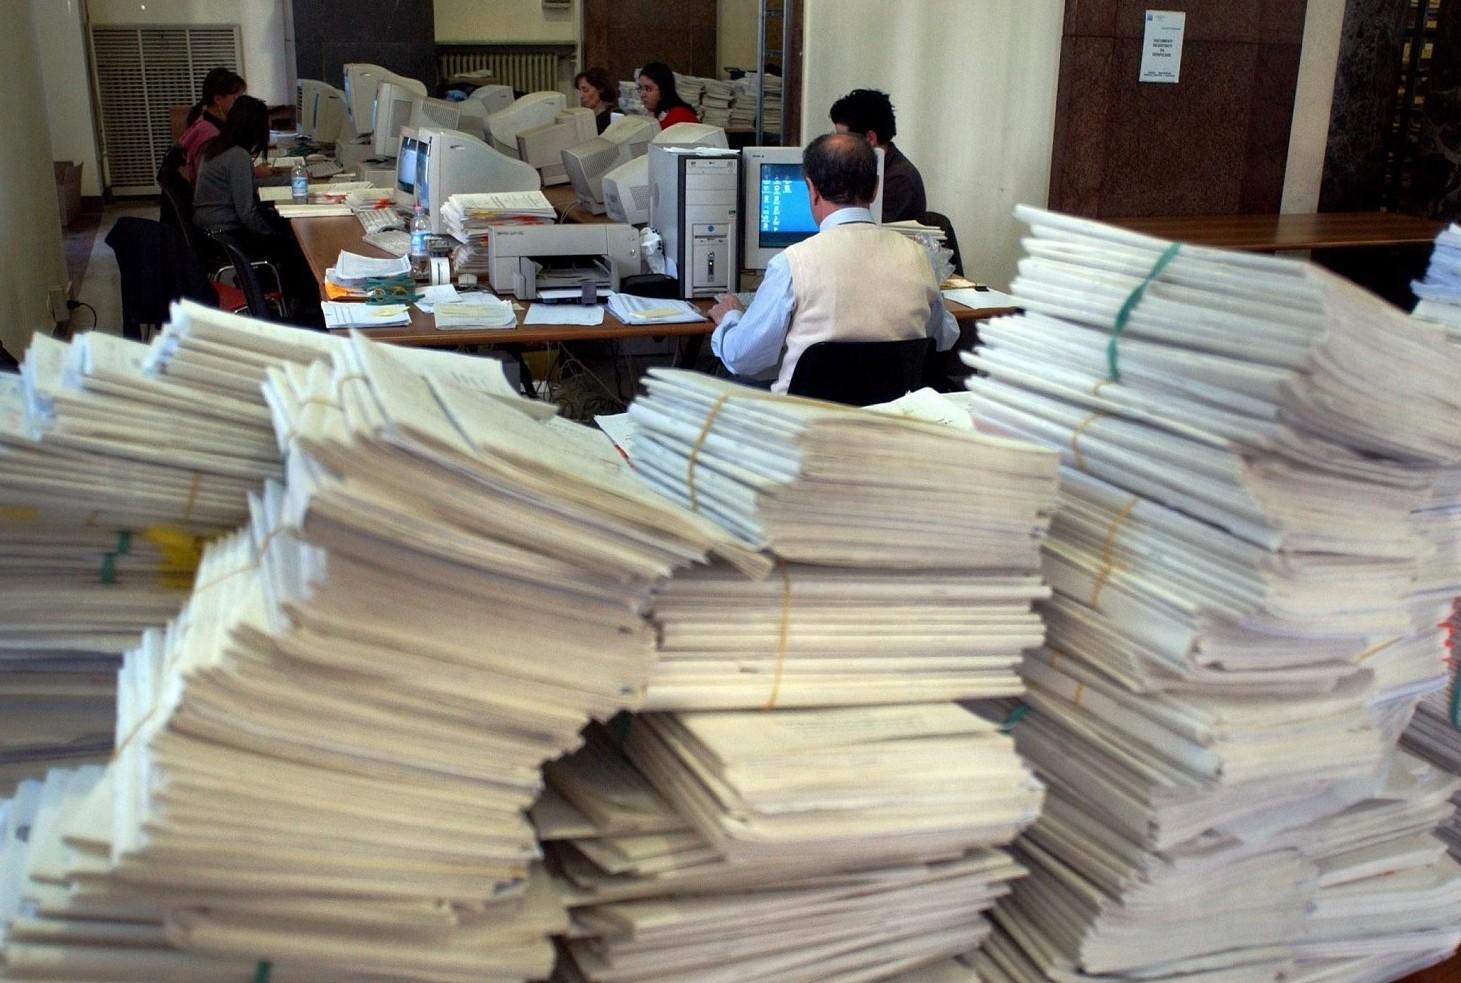 Pa: Ocse denuncia pubblica amministrazio